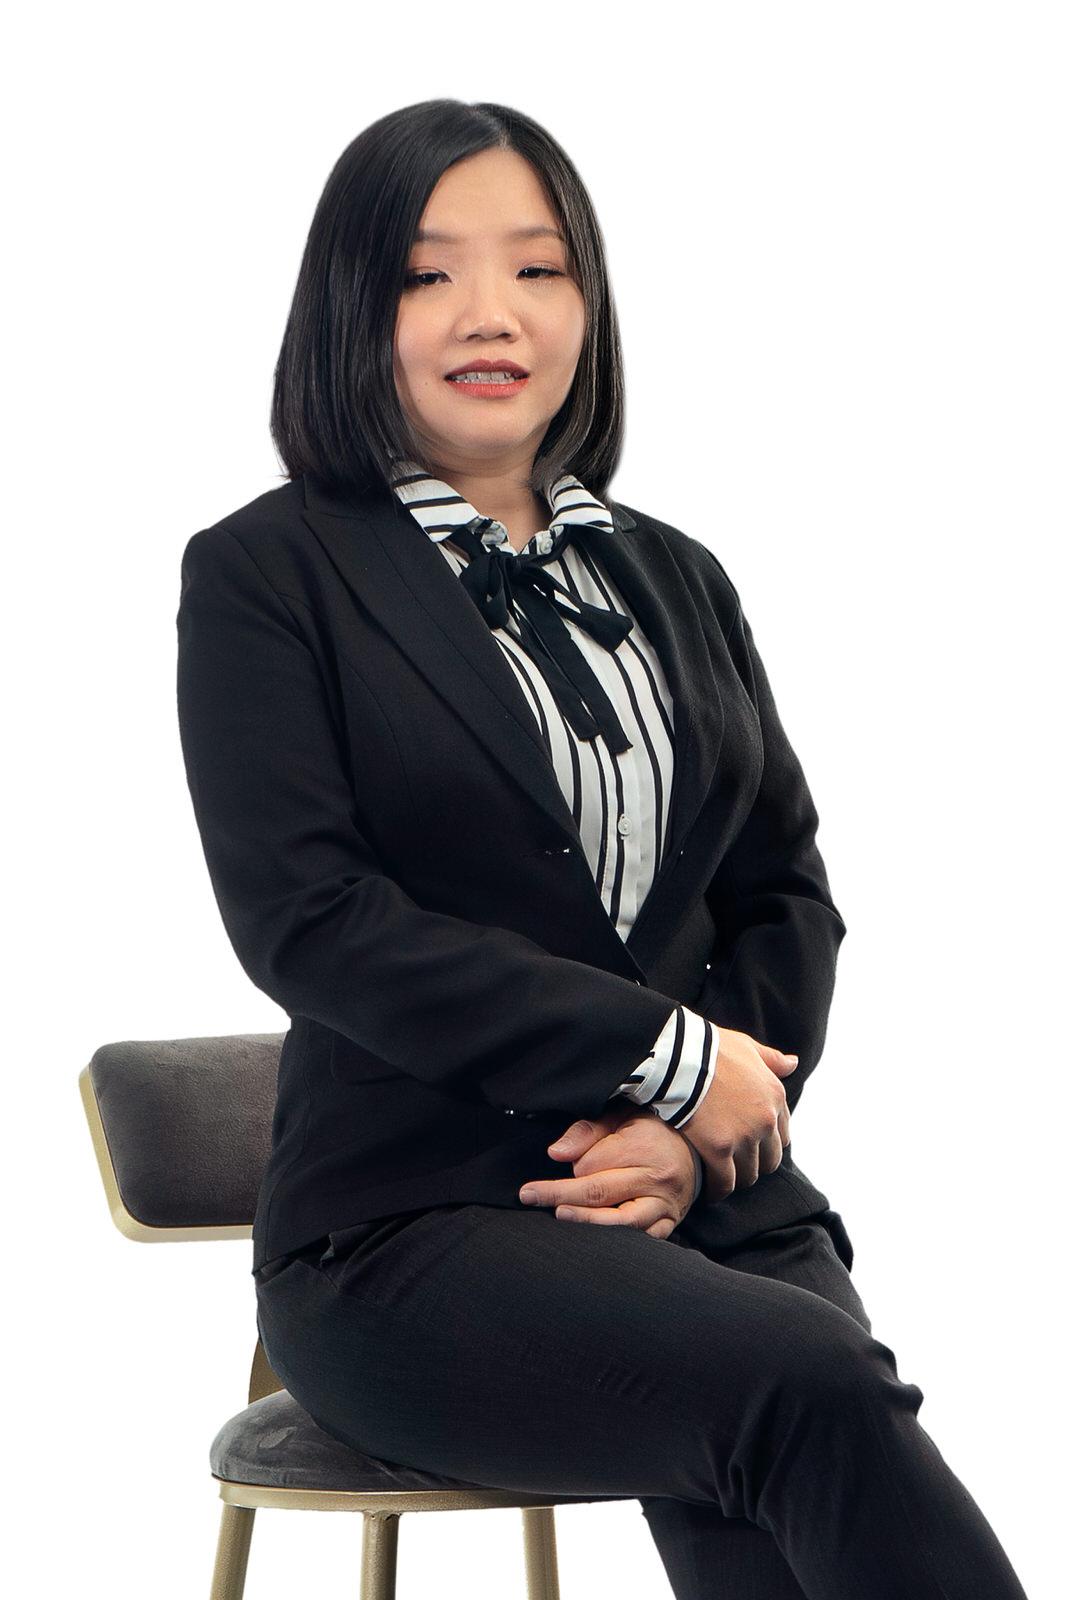 Dr. Kong Lee Fang